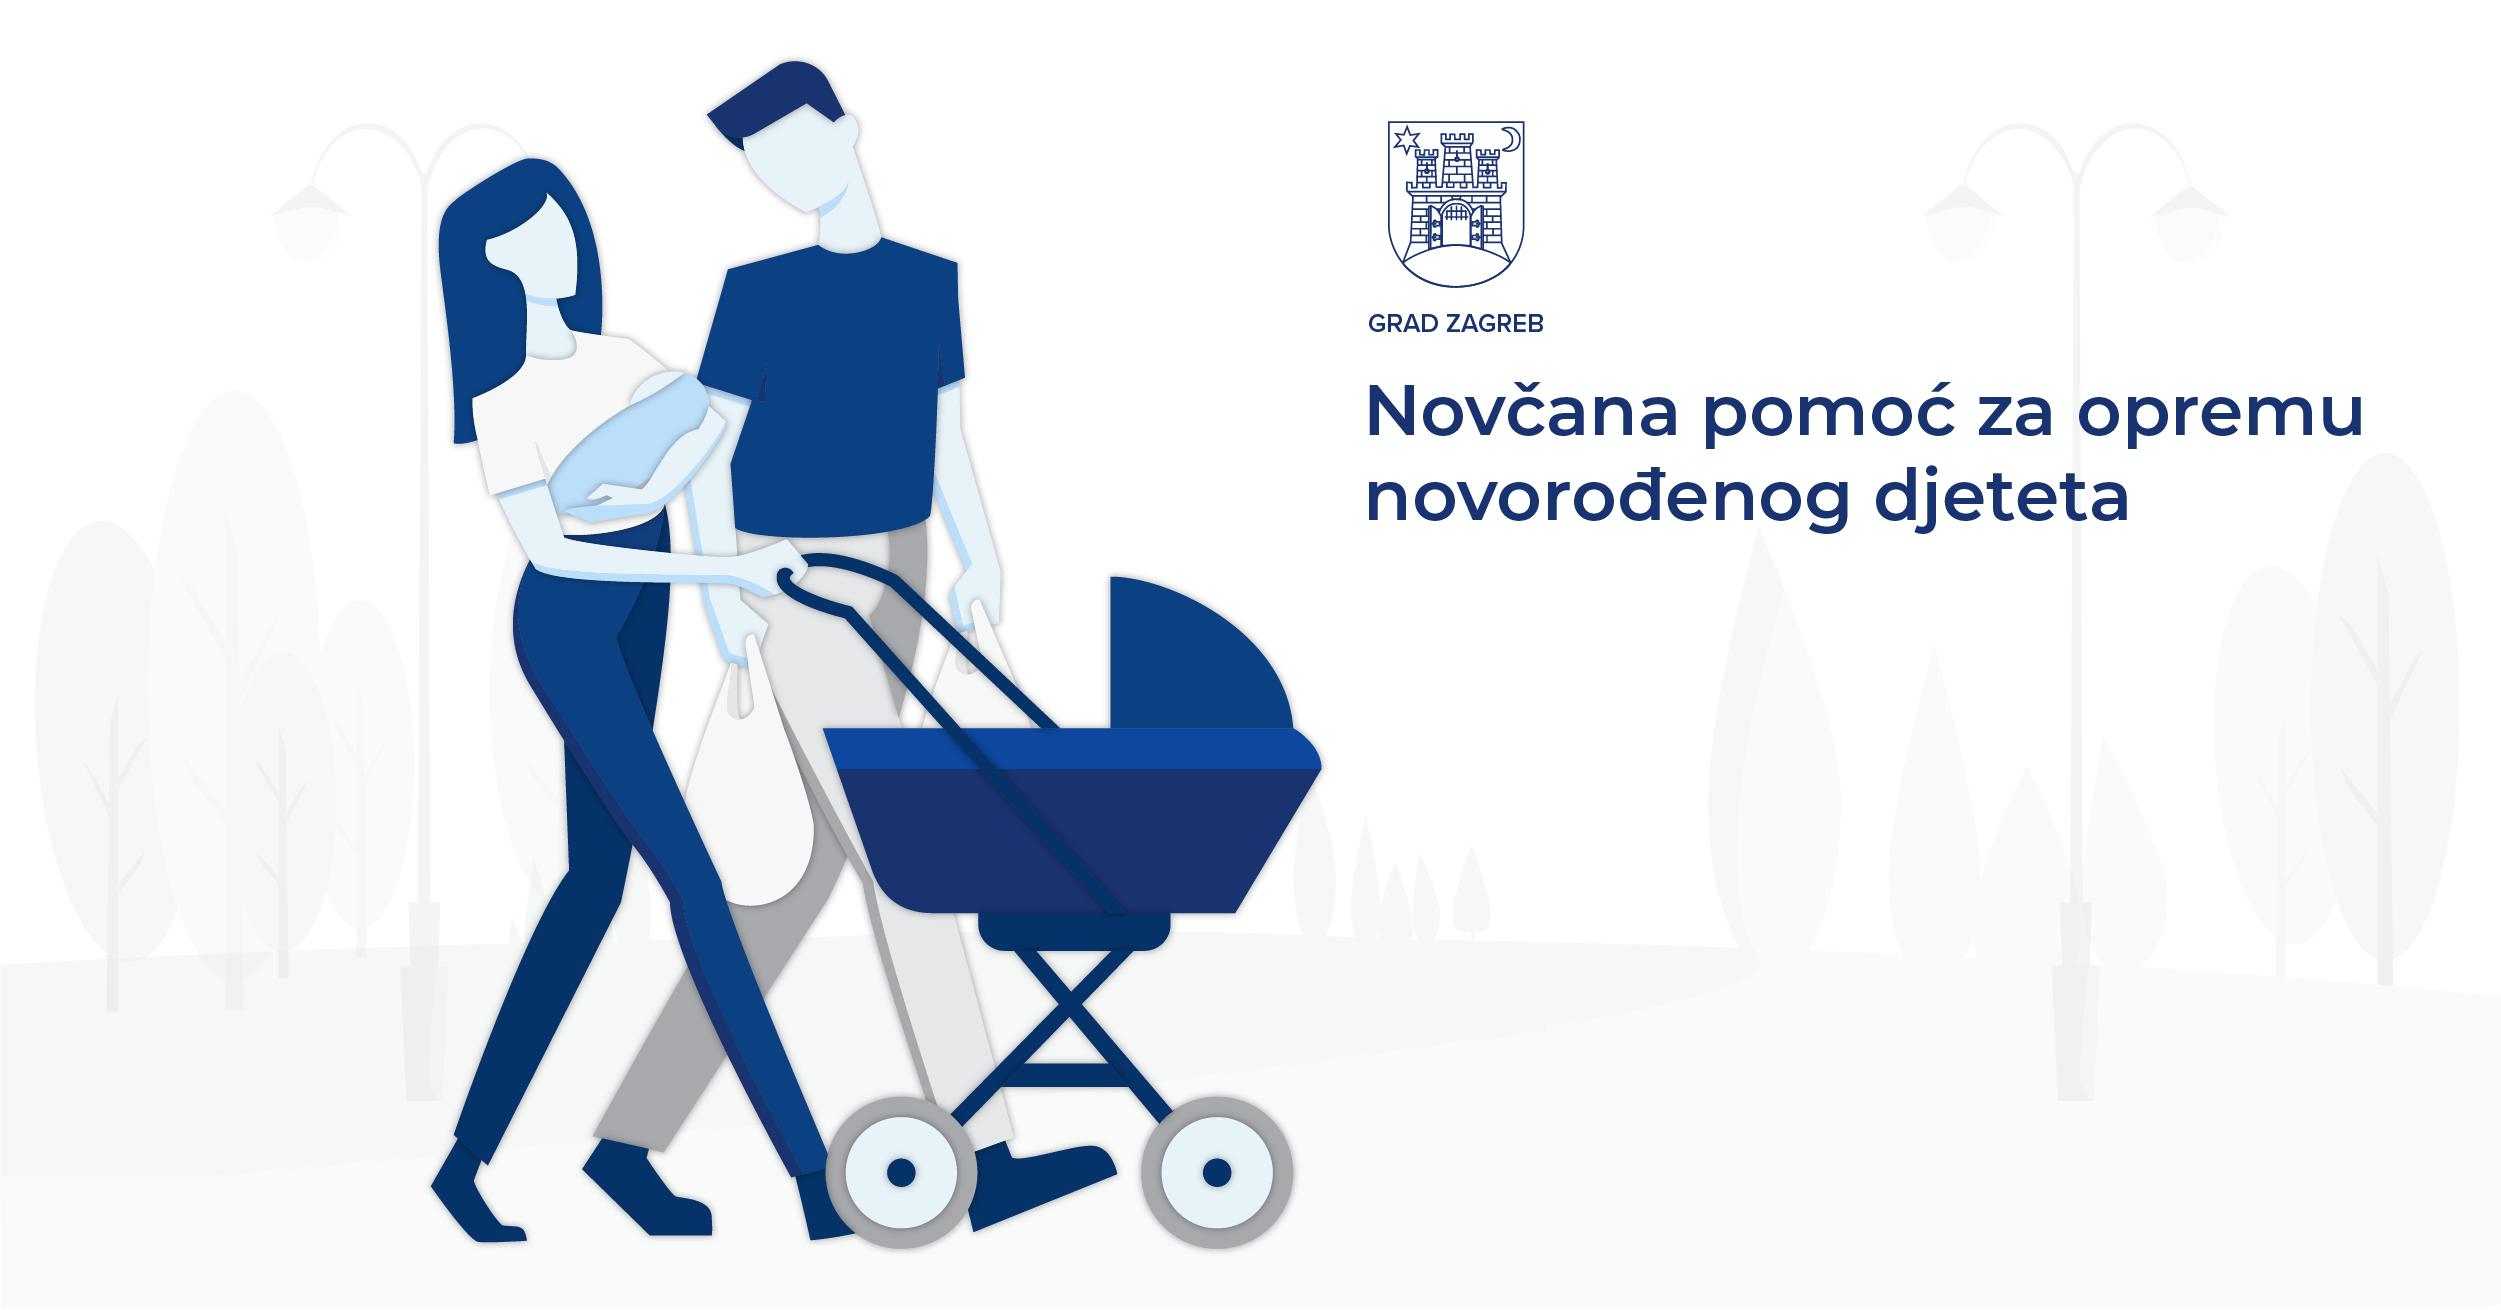 Započela isplata novčane pomoći za opremu novorođenčadi